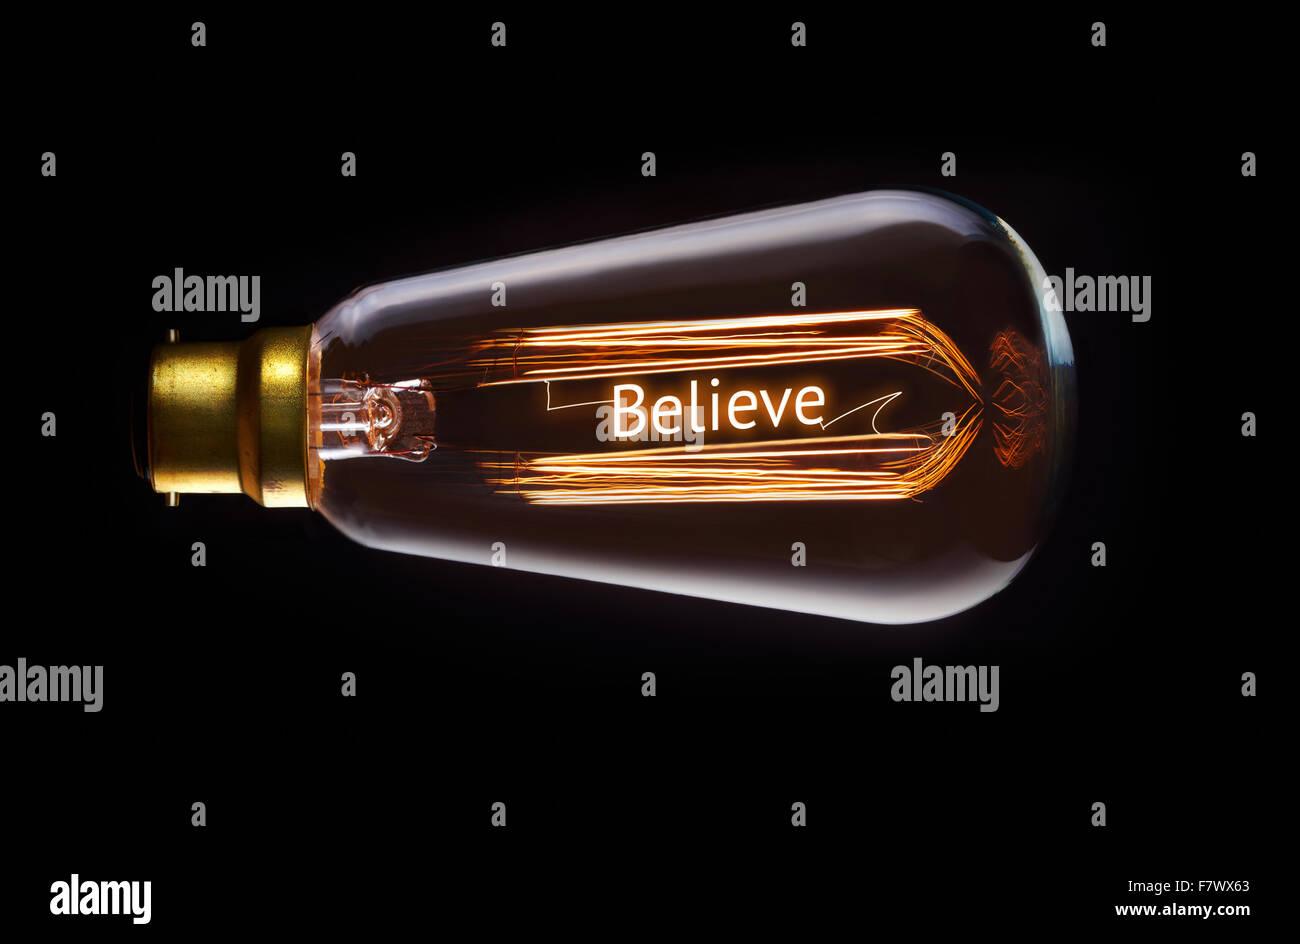 La religion, croire concept dans une ampoule à incandescence. Banque D'Images